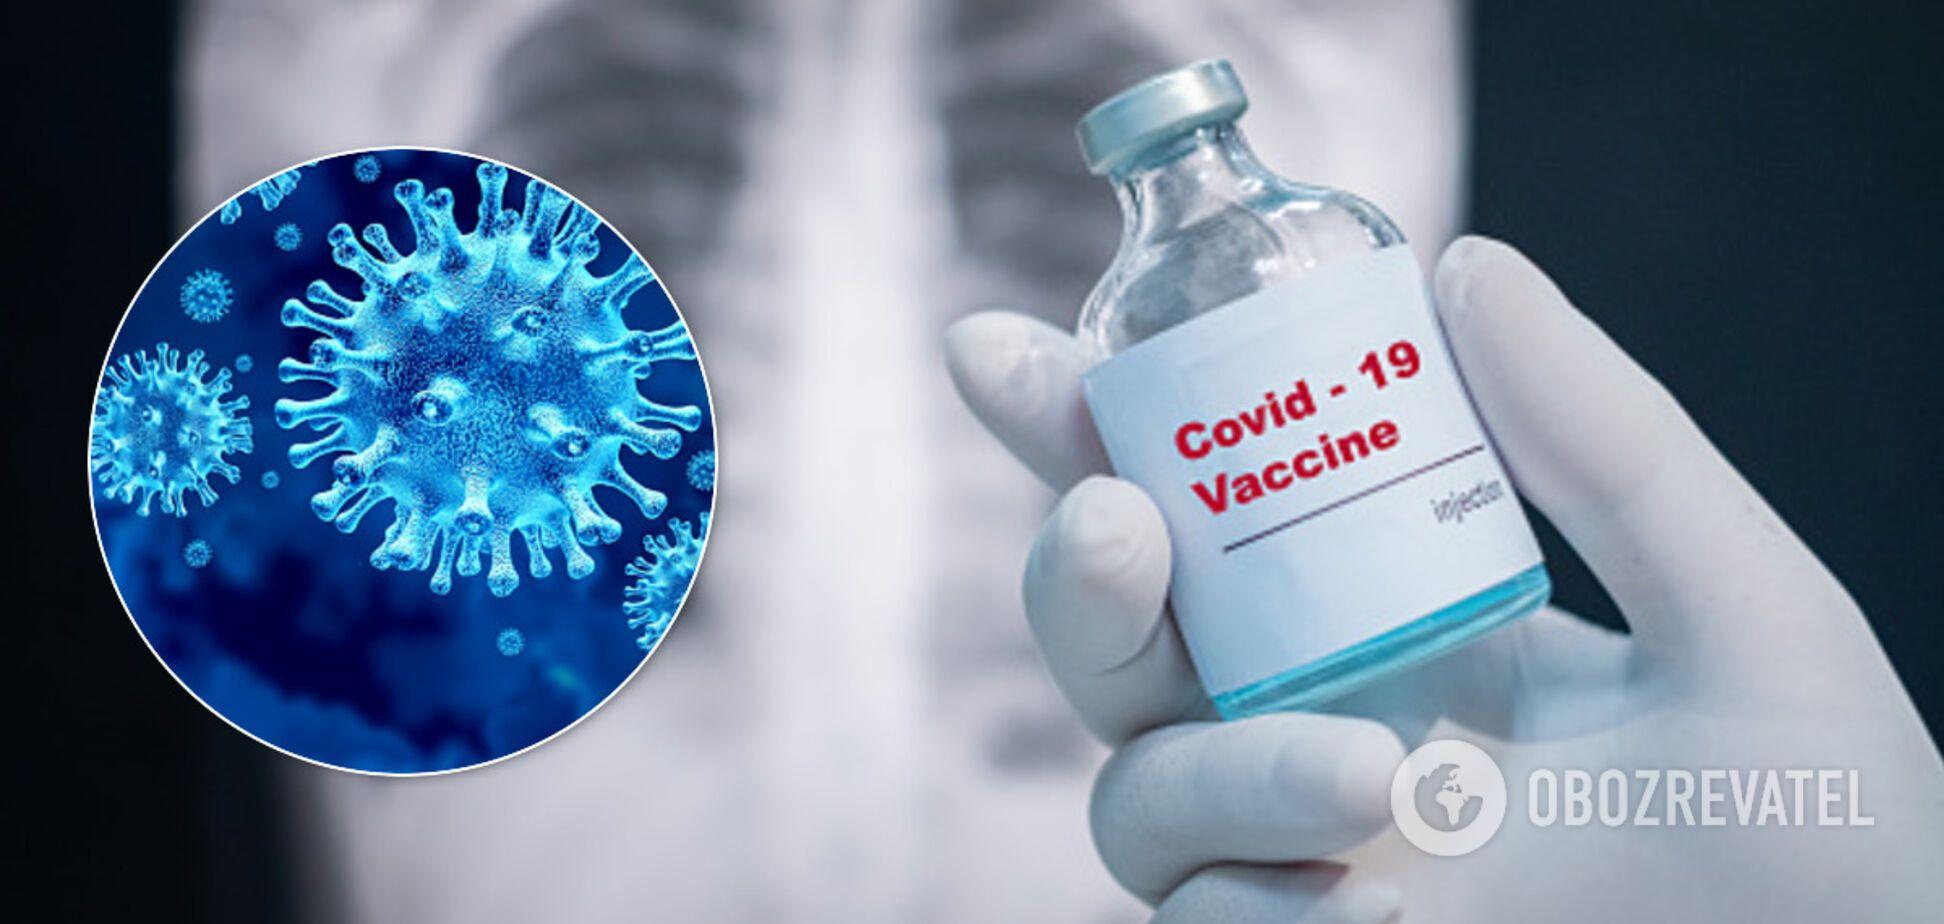 От COVID-19 вылечилось около трех миллионов человек: статистика по коронавирусу на 2 июня. Постоянно обновляется